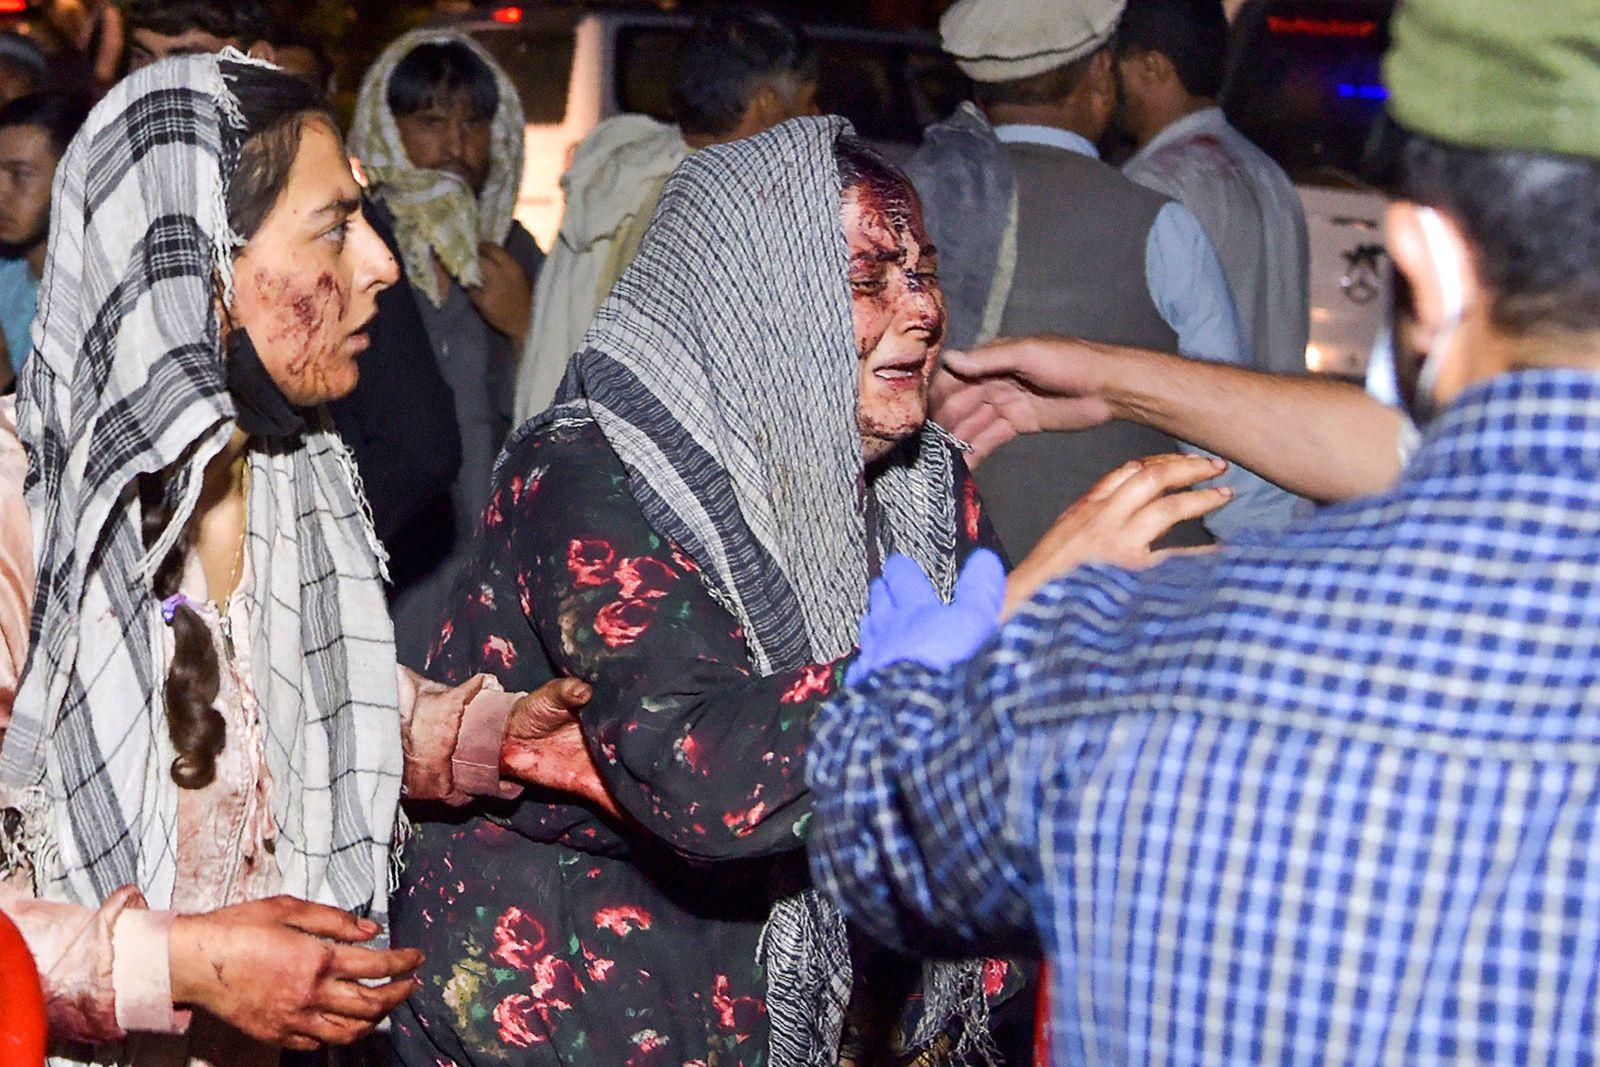 https___cdn.cnn.com_cnnnext_dam_assets_210826145227-05-afghanistan-explosion-0826